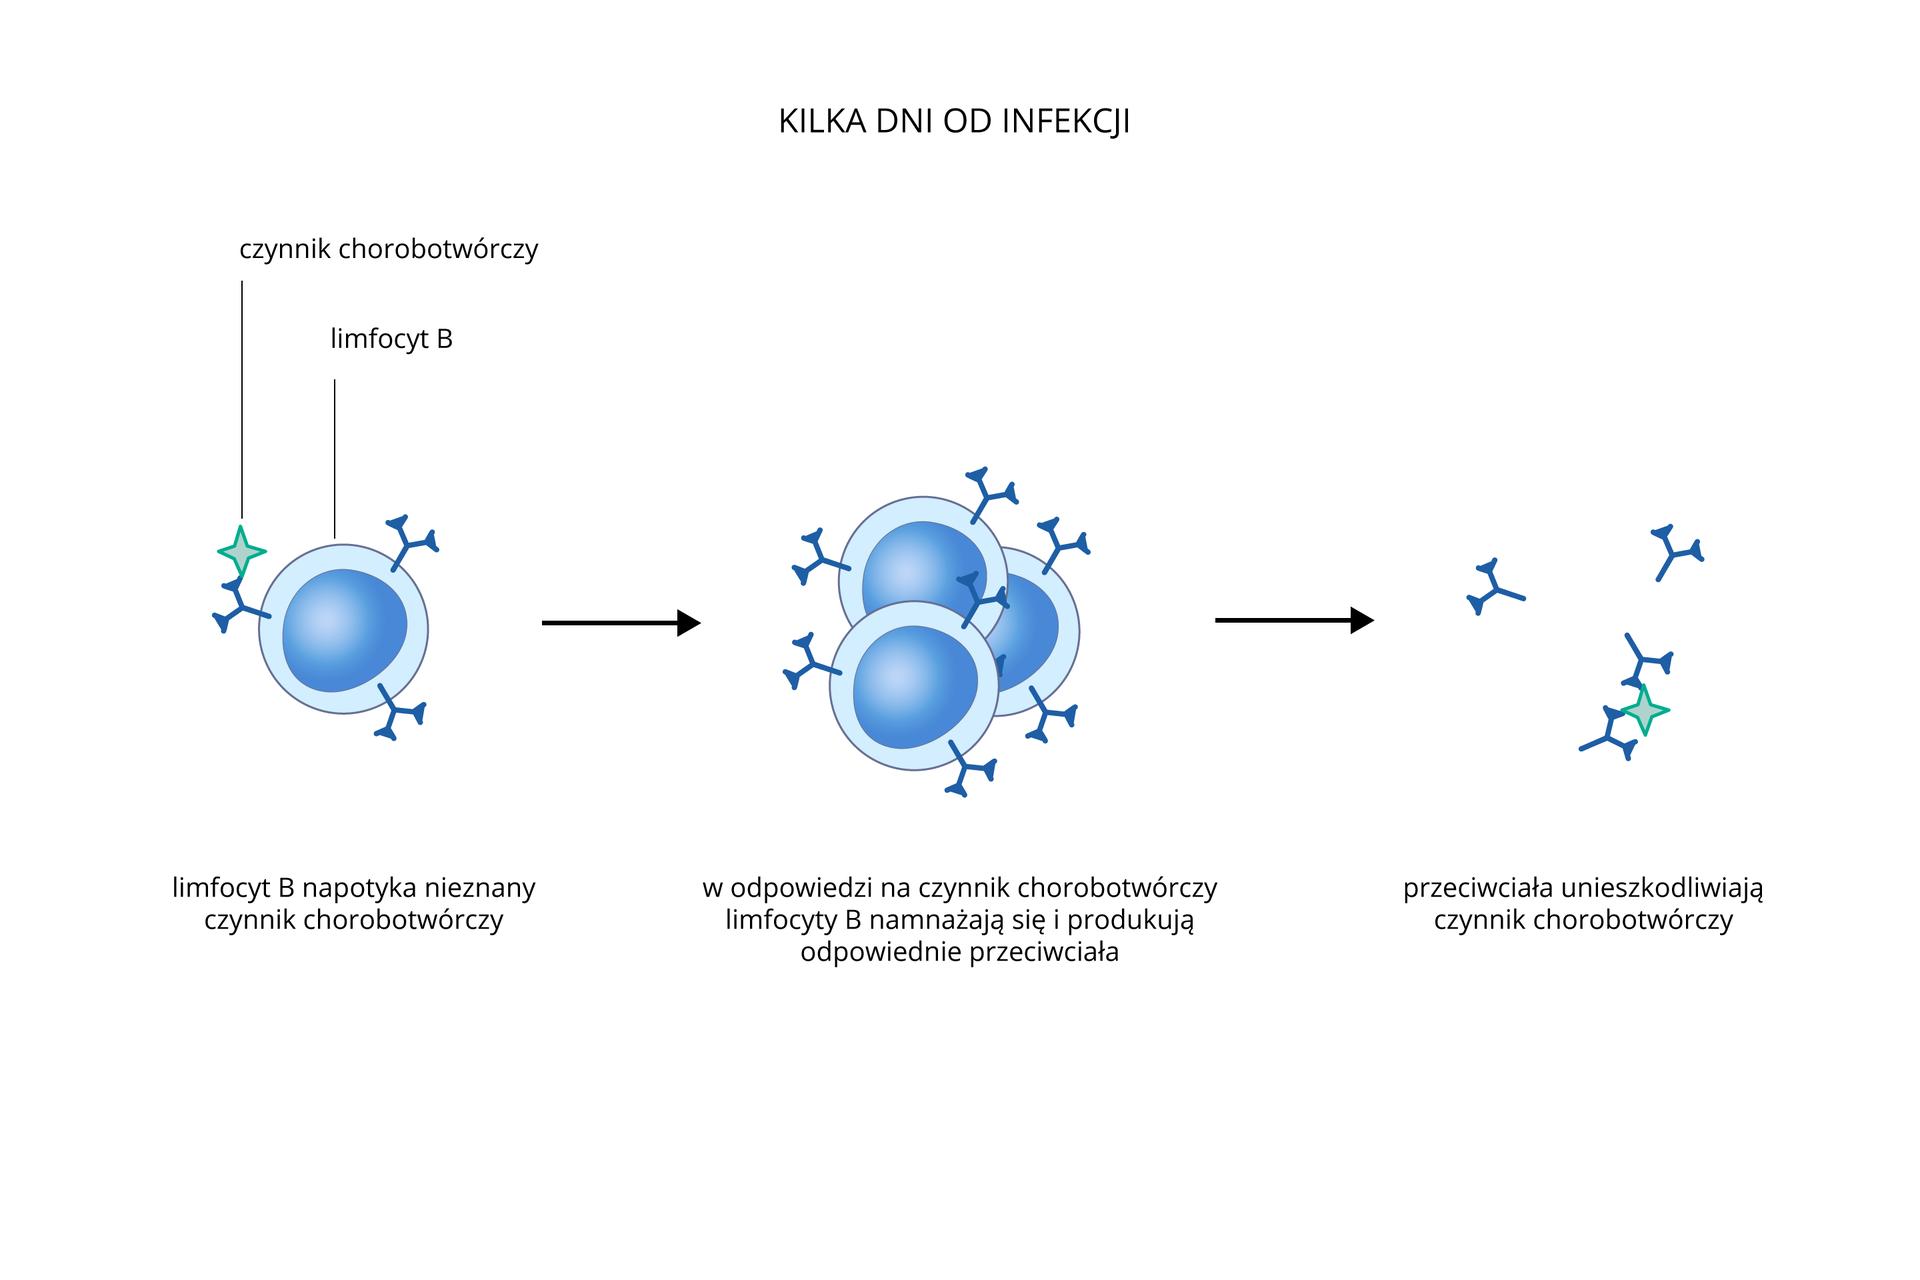 Ilustracja przedstawia drugą barierę ochronną, działająca wkilka dni od zakażenia. Od lewej: niebieski limfocyt Bwypustką łączy się zbłękitnym czynnikiem chorobotwórczym. Następnie limfocyty dzielą się wcelu zwiększenia ich ilości. Strzałka wskazuje, że wytworzone przez limfocyty przeciwciała unieszkodliwiają czynnik chorobotwórczy.